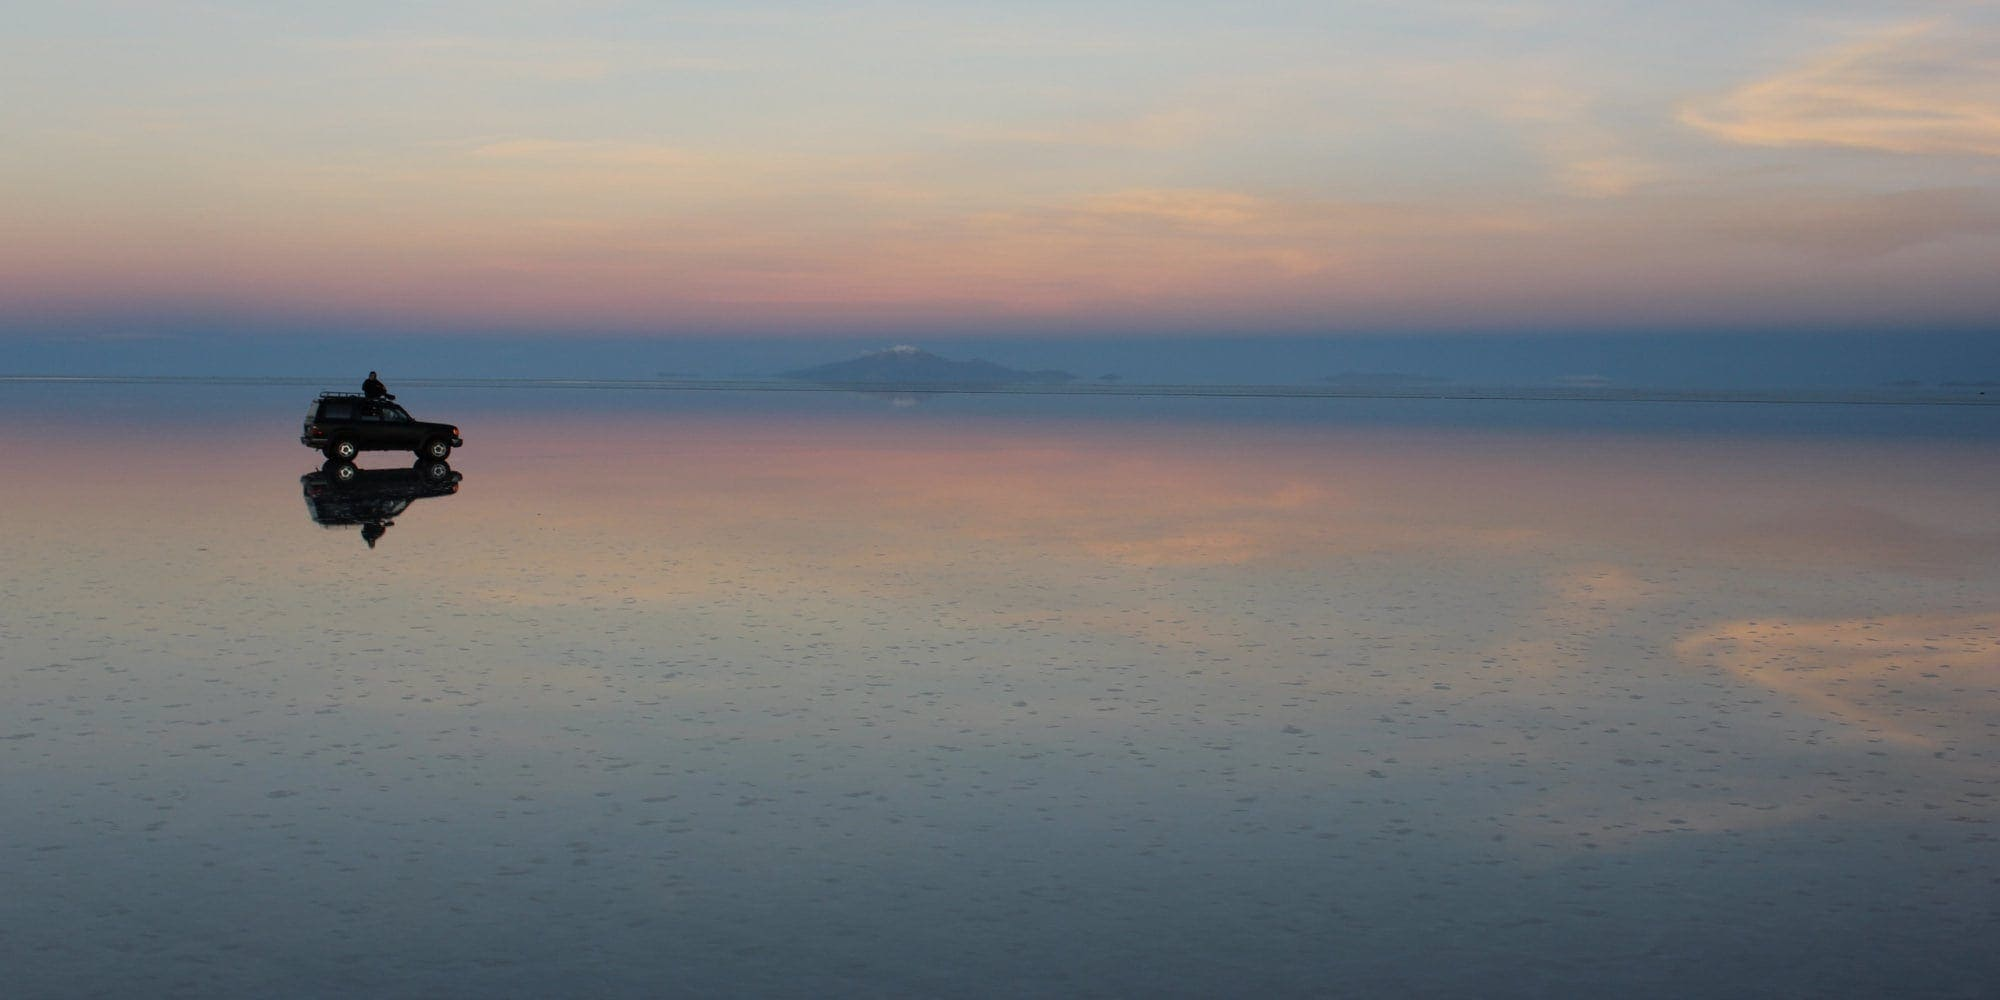 Lucas Metz, Uyuni salt plane